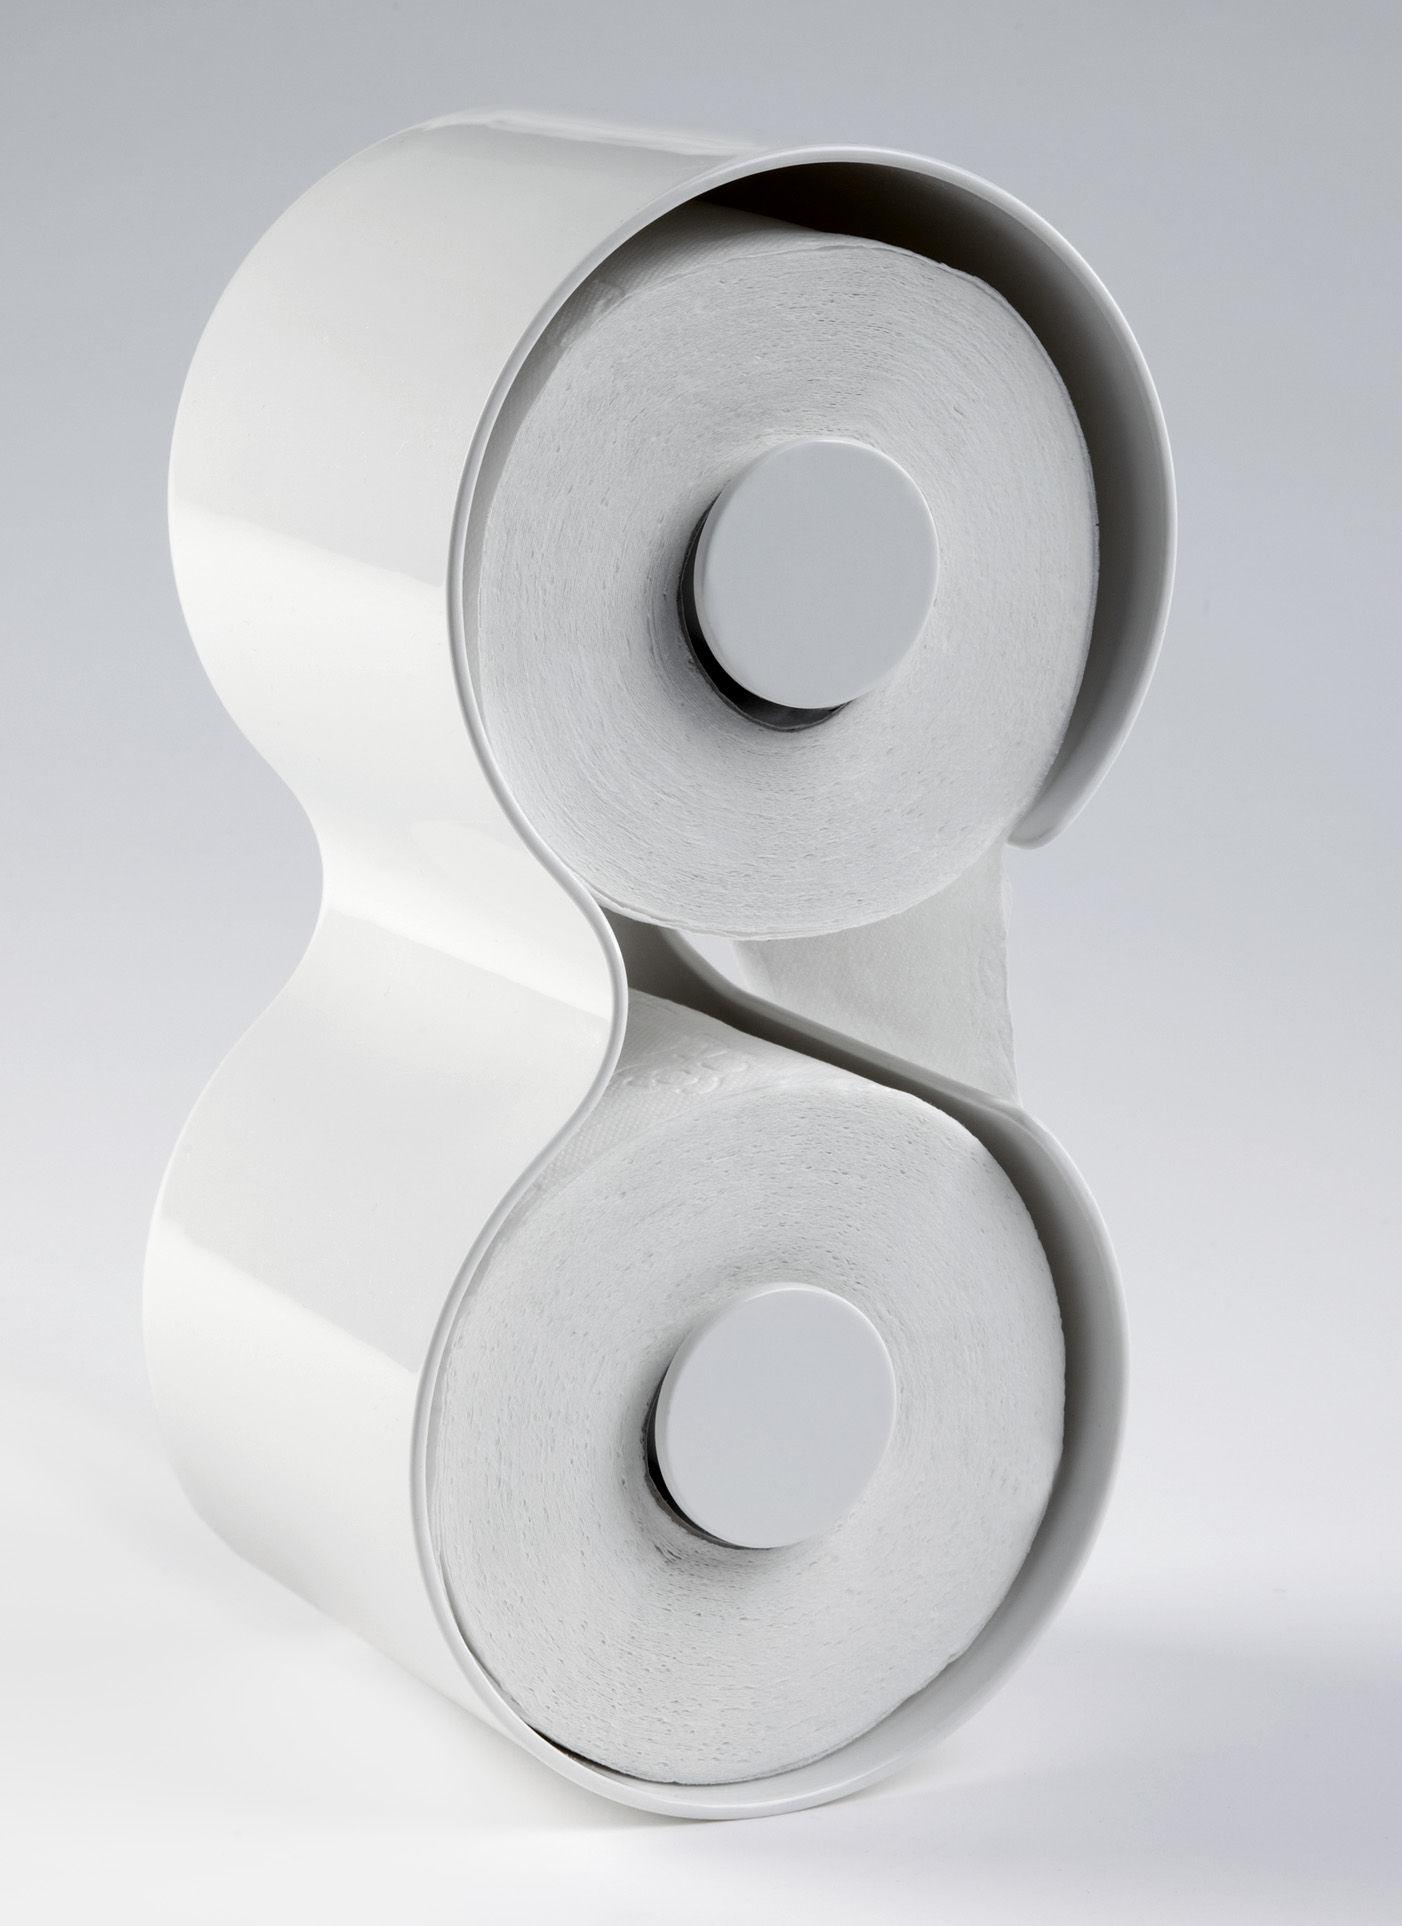 D rouleur de papier toilette kali blanc authentics - Derouleur de papier toilette original ...